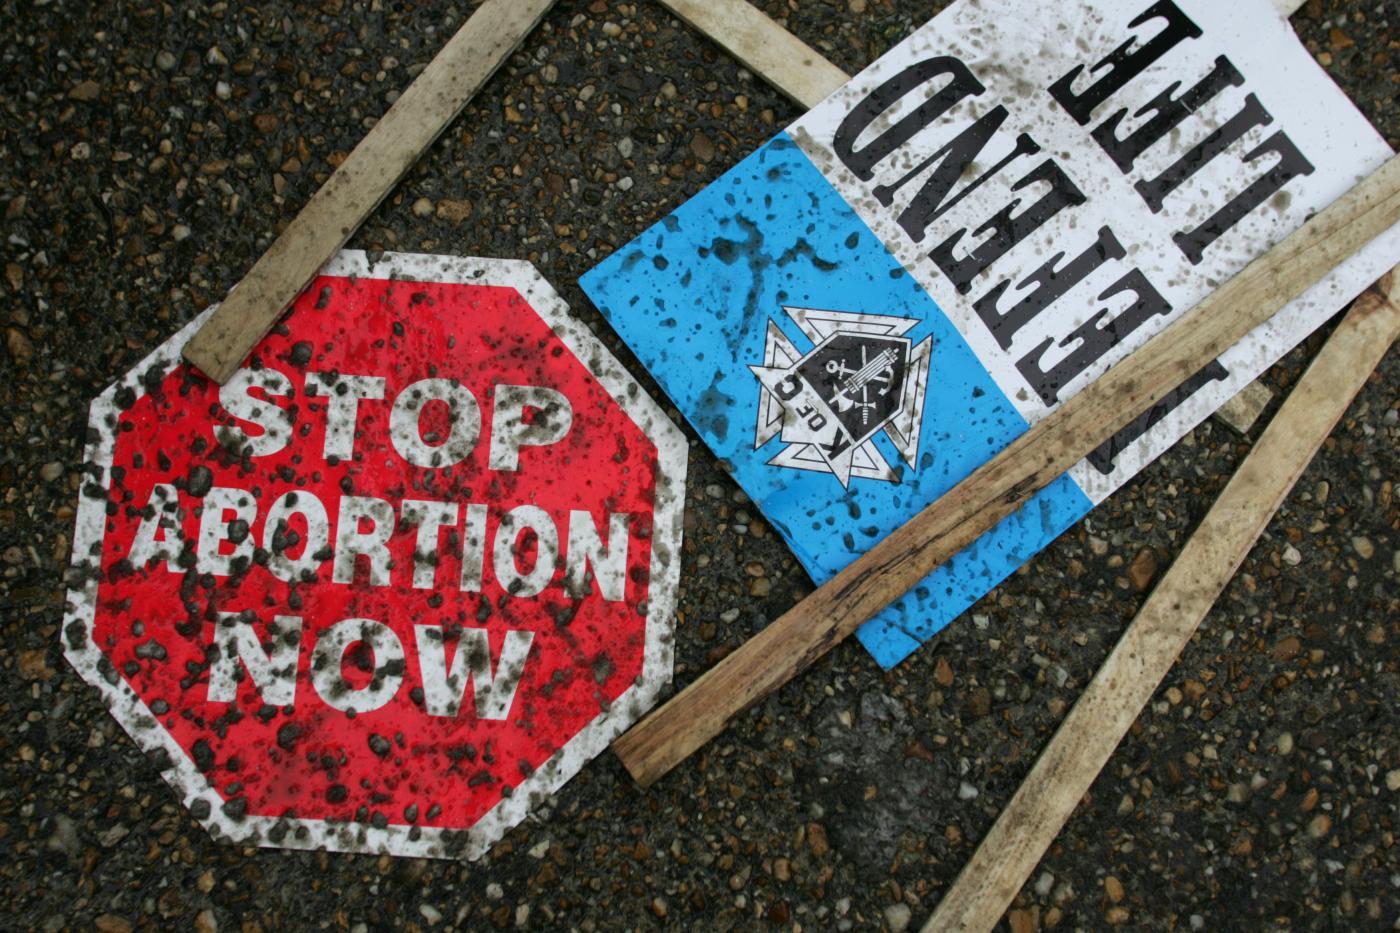 Aborto, in Texas i medici potranno mentire sulle condizioni di salute del feto